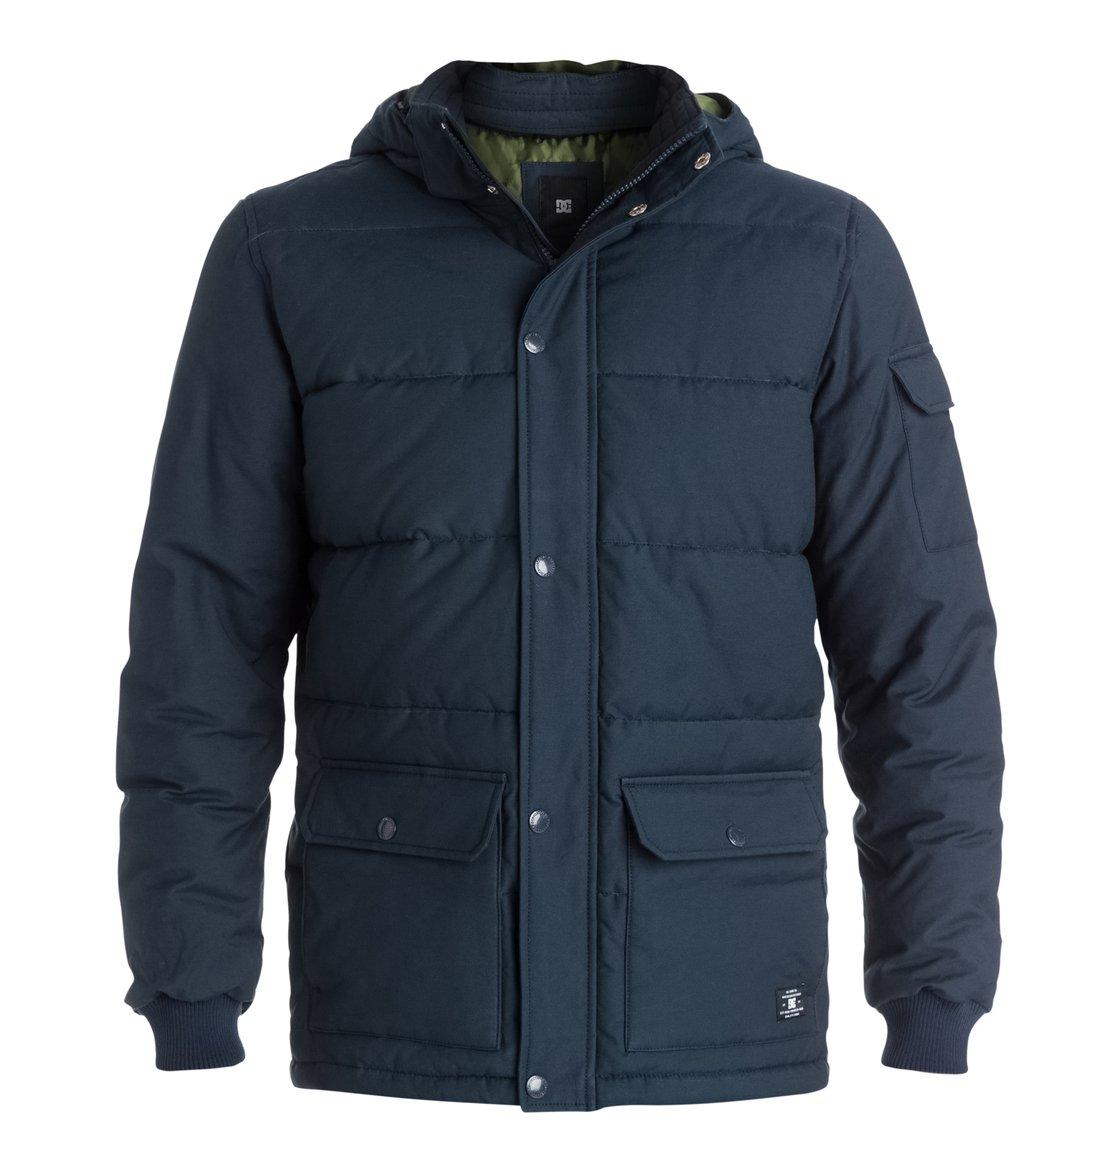 Arctic 2 - DcshoesМужская куртка Arctic 2 от DC Shoes. <br>ХАРАКТЕРИСТИКИ: парусиновая ткань из хлопка и нейлона, водостойка пропитка степени 600 мм, съемный капюшон, манжеты в рубчик, нарочито стеганый дизайн, контрастная цветная подкладка из полиэстера, внутренний карман, нижние карманы с двойной прорезью – сбоку и сверху, пластиковая молния и кнопки-застежки DC спереди, ярлык DC спереди внизу, фурнитура и отделка с маркировкой DC. <br>СОСТАВ: 74% хлопок, 26% нейлон/полиамид.<br>